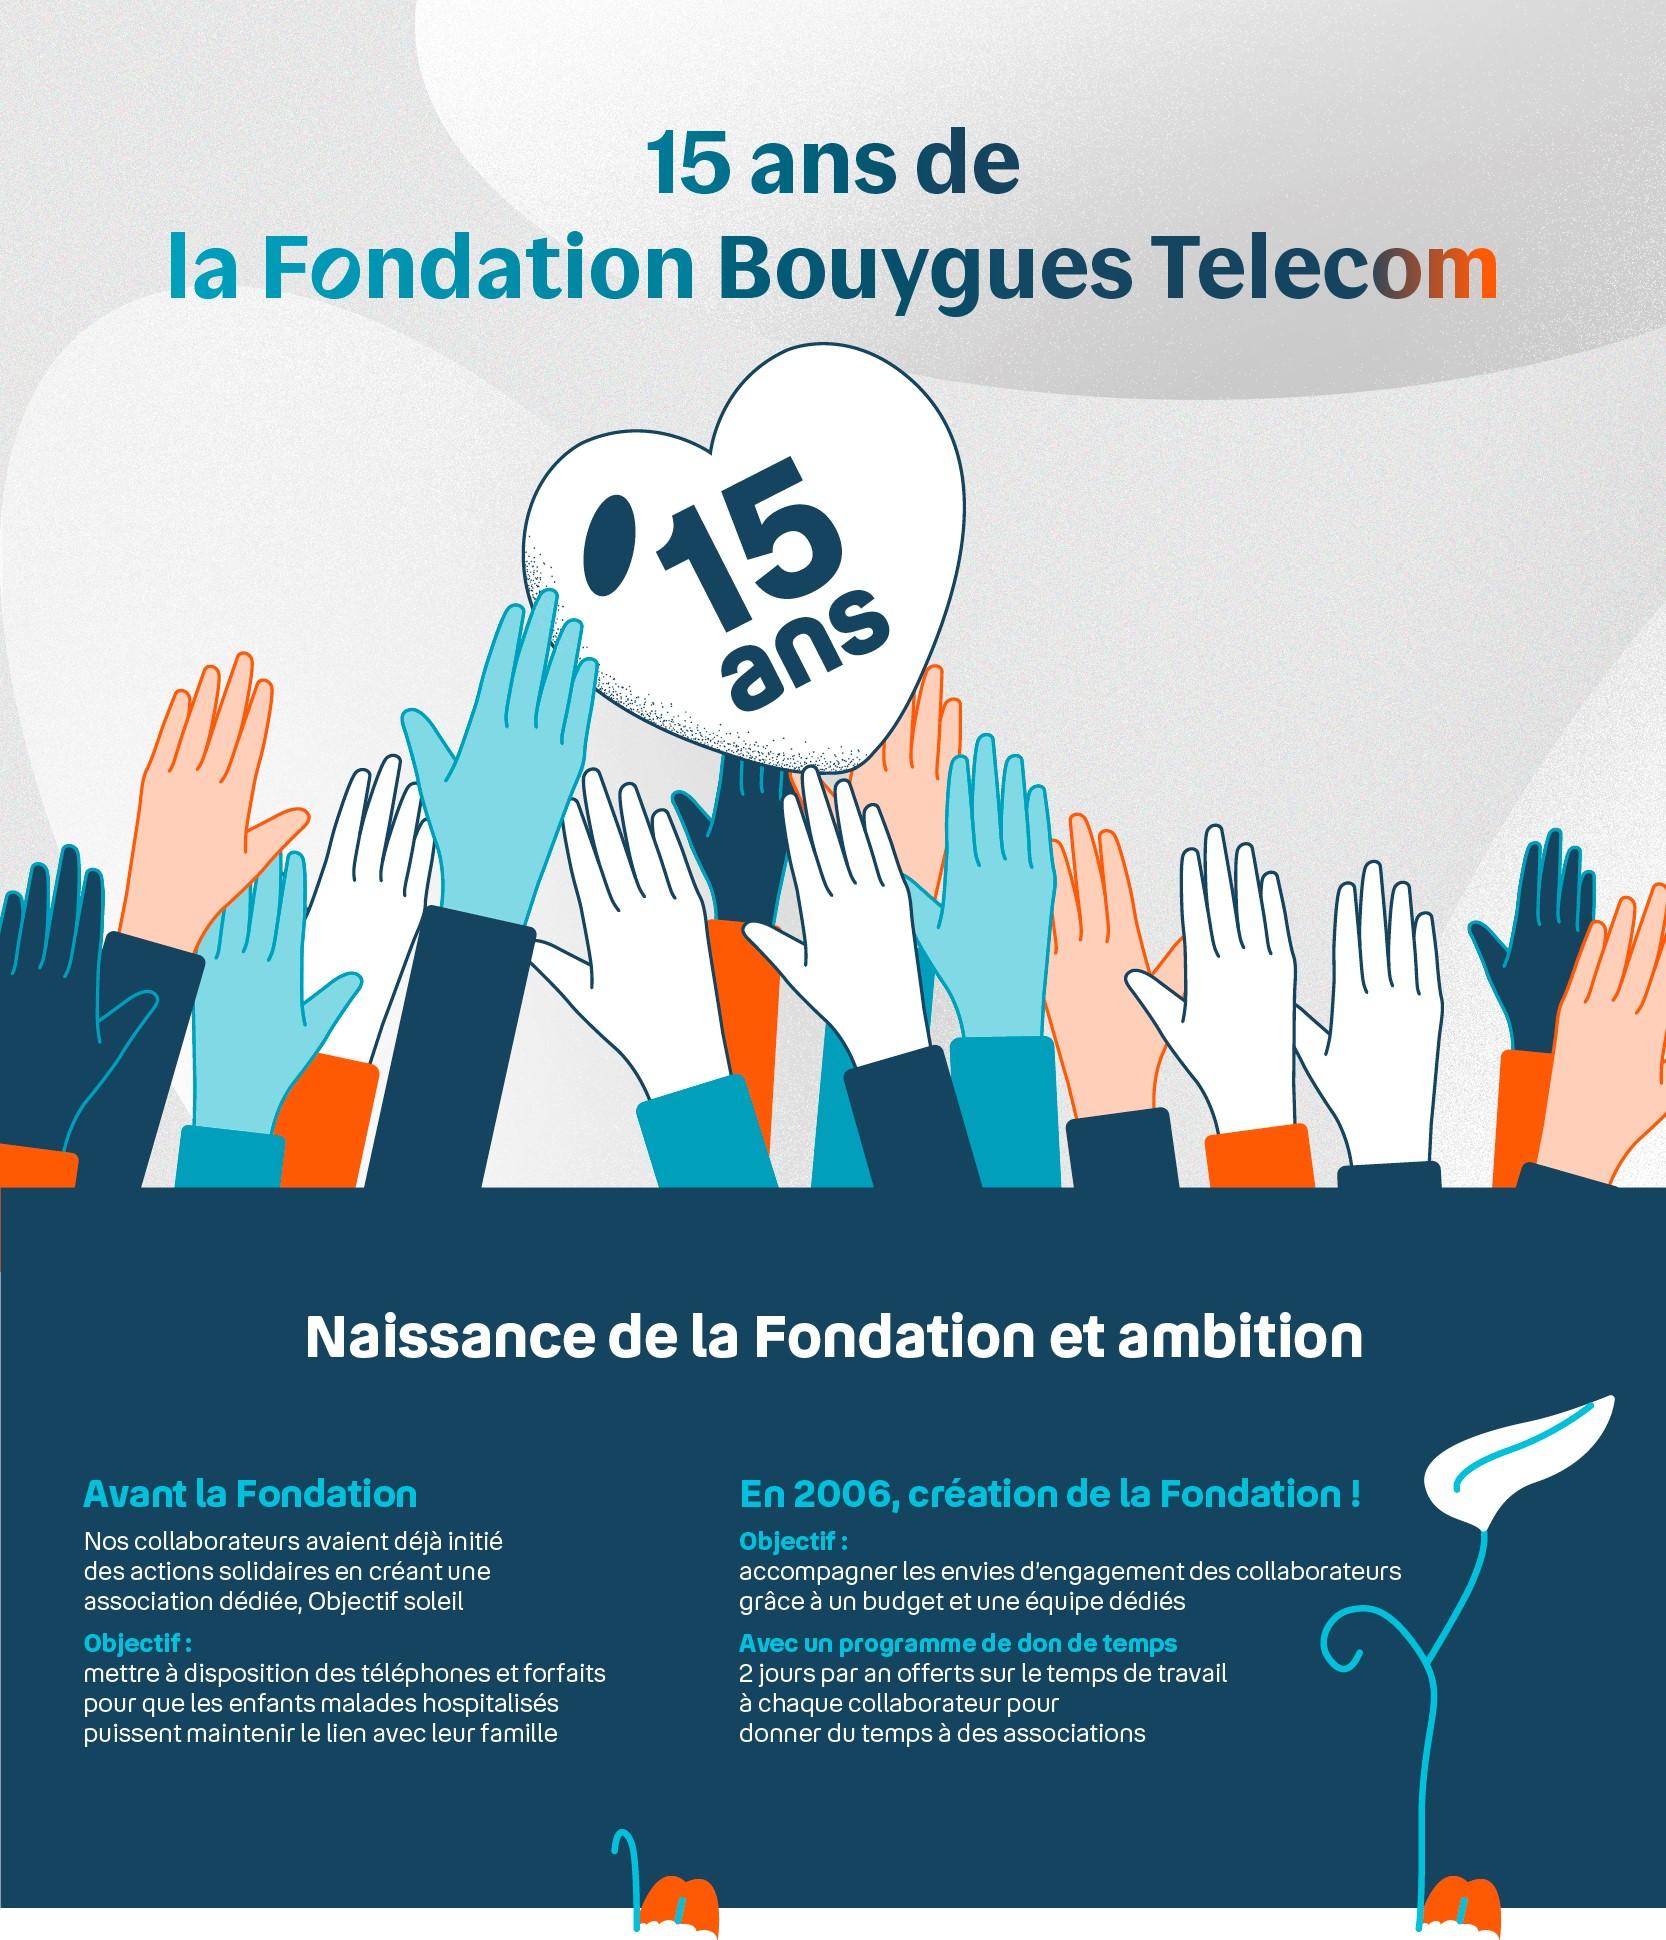 Infographie 15 ans de La Fondation Bouygues Telecom